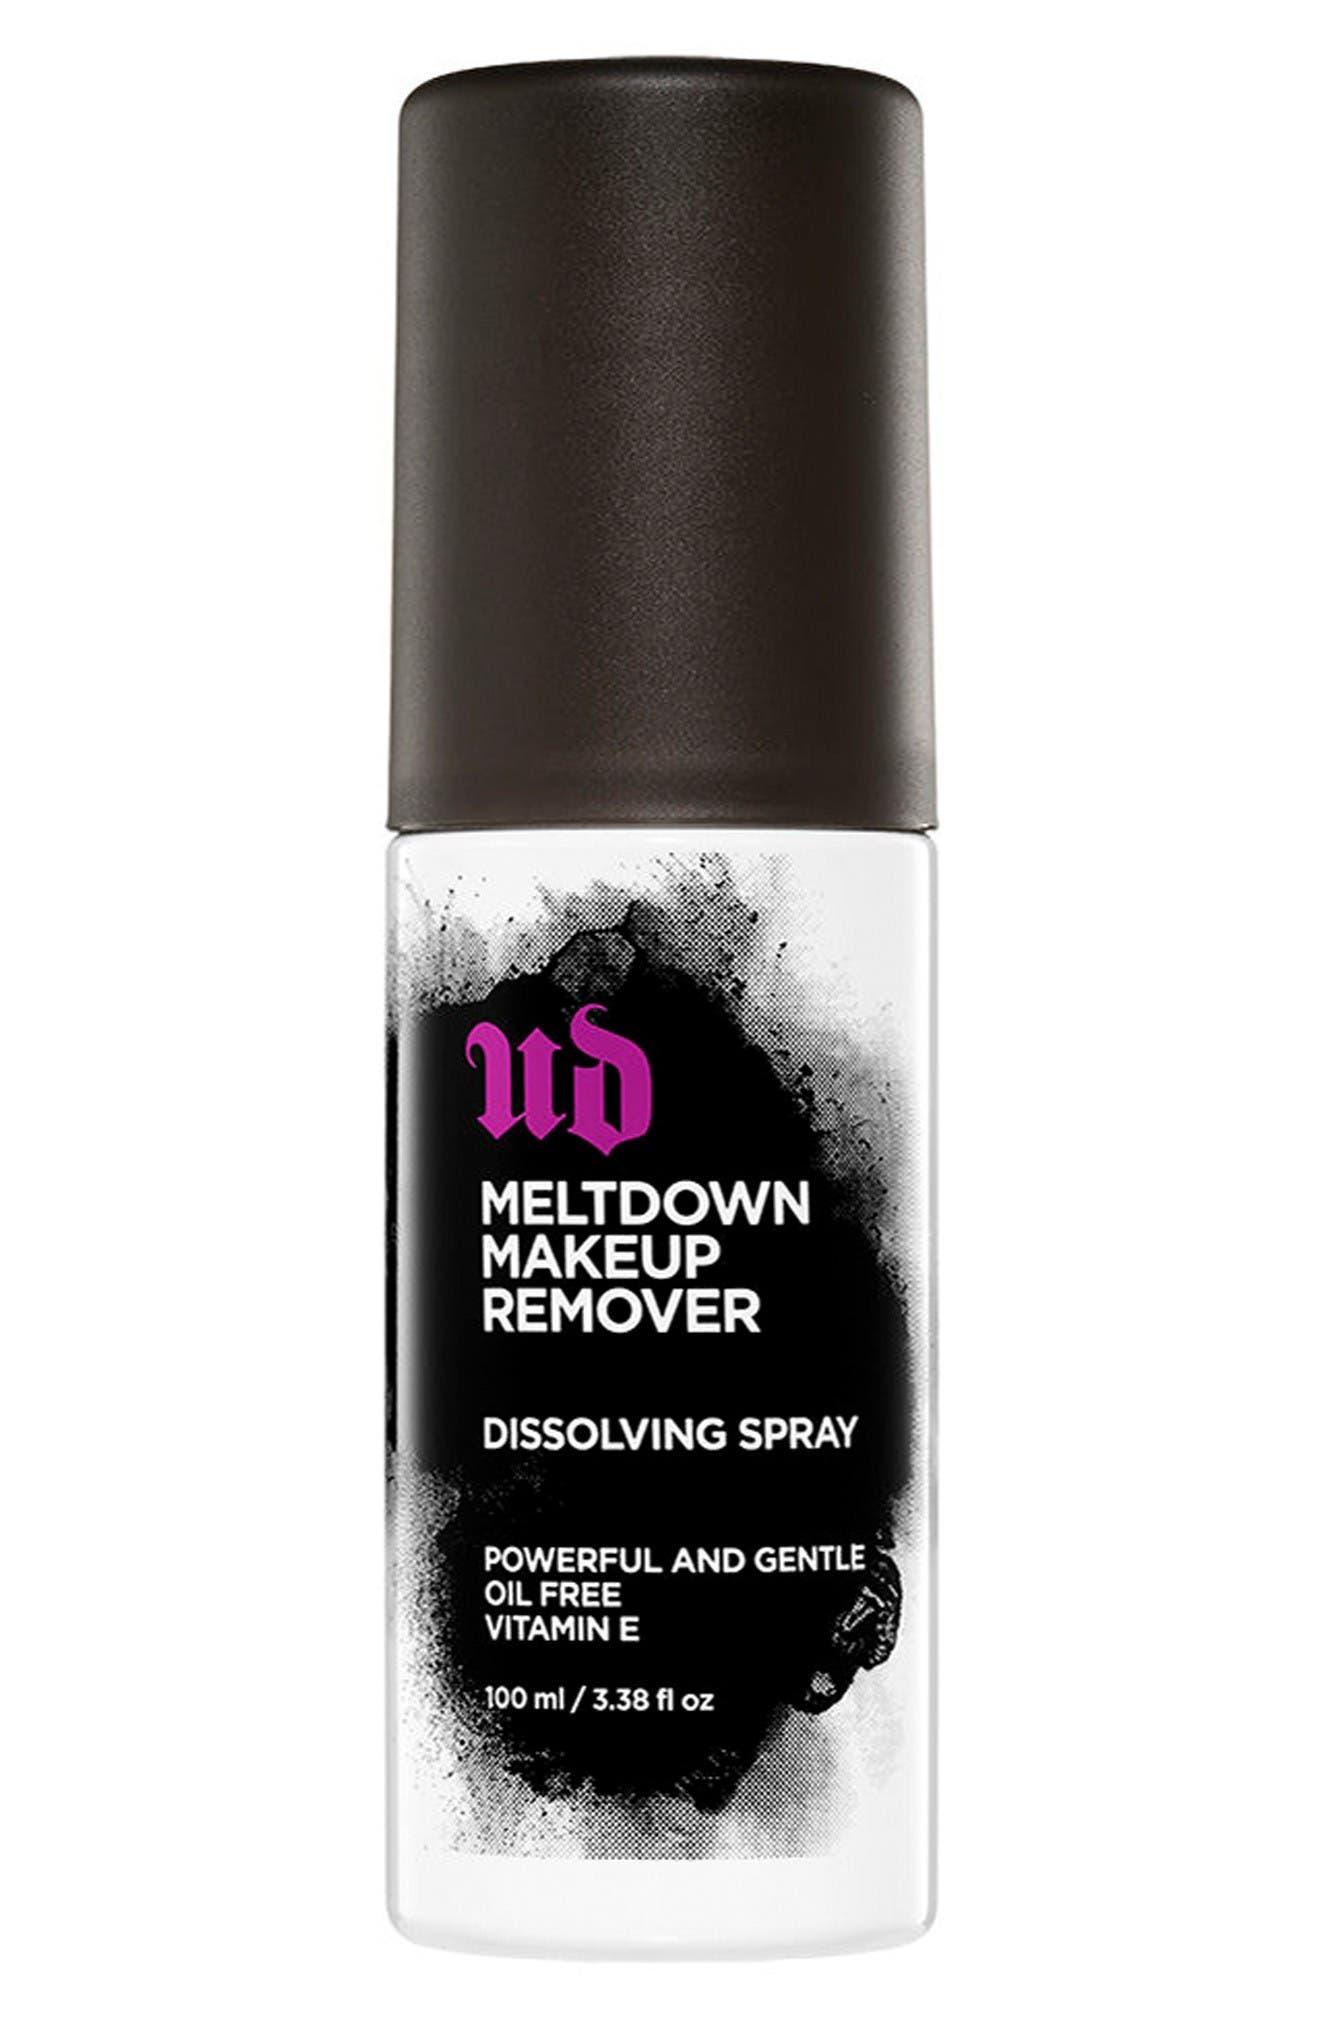 Urban Decay Makeup Remover Dissolving Spray